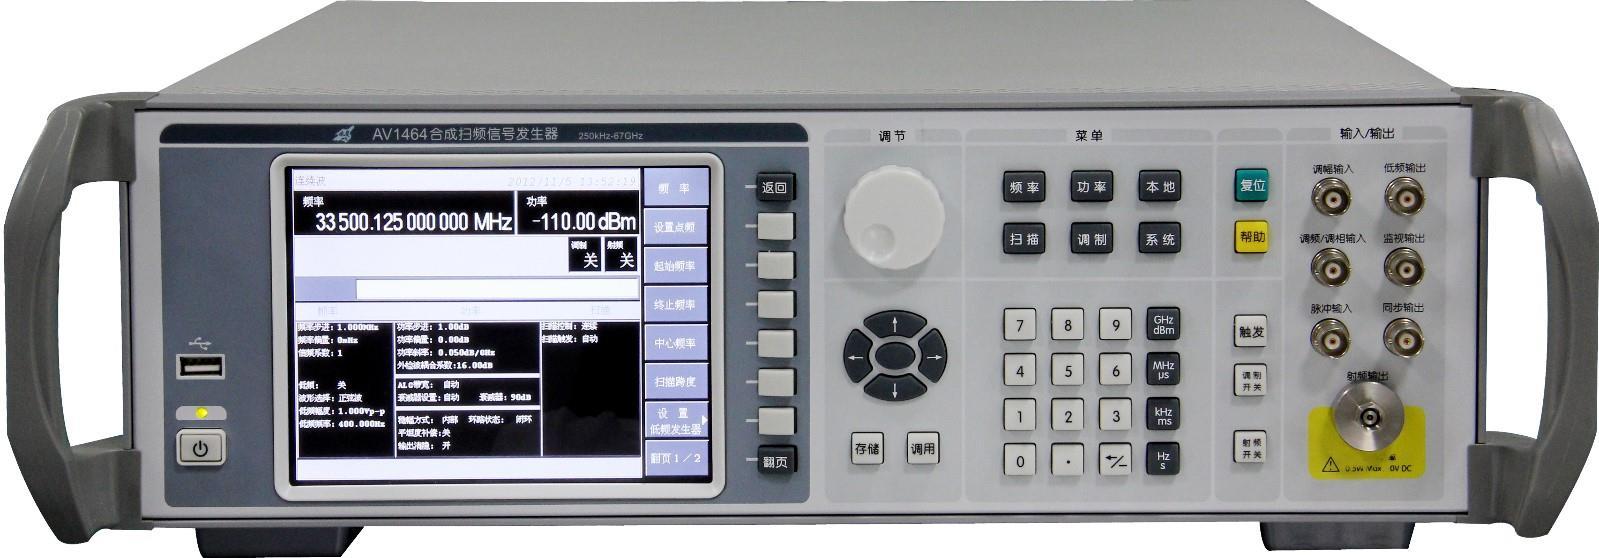 SIGNAL GENERATOR 250KHz - 40GHz - CEYEAR